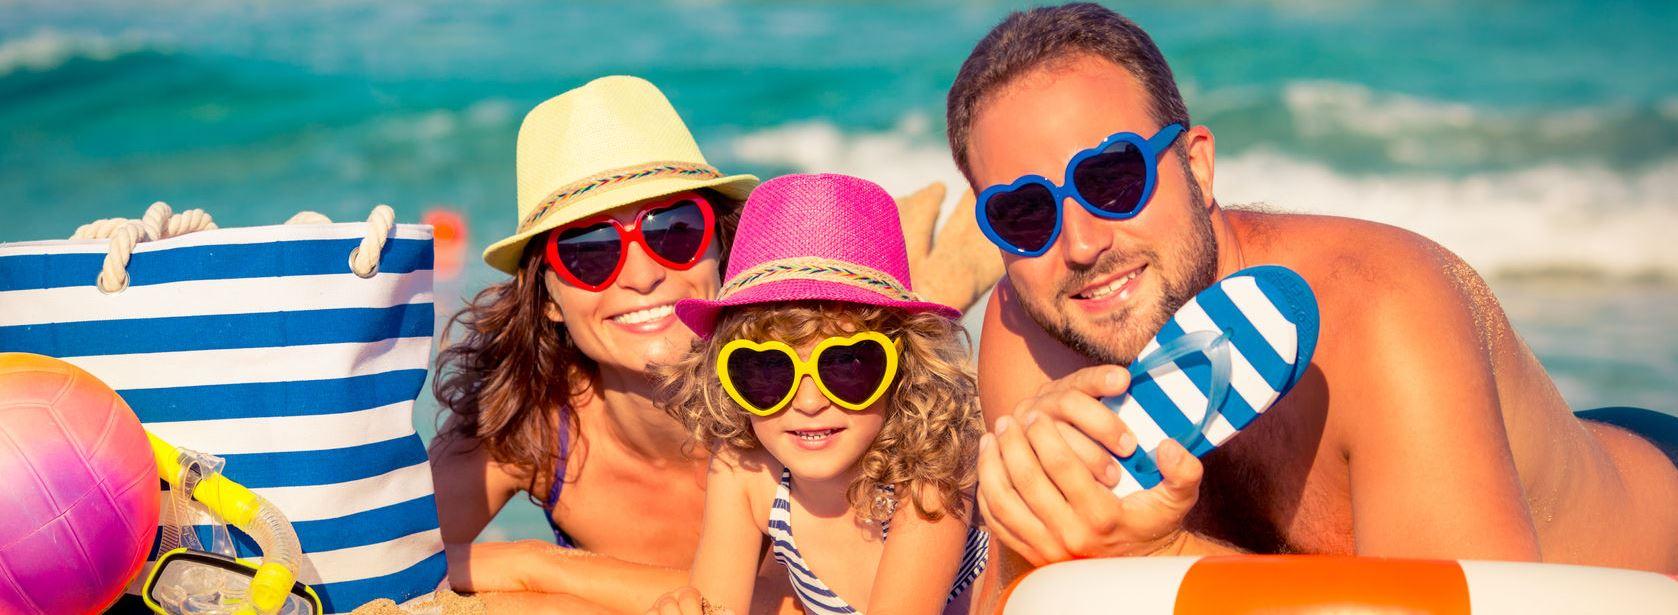 Семьёй на пляже 16 фотография